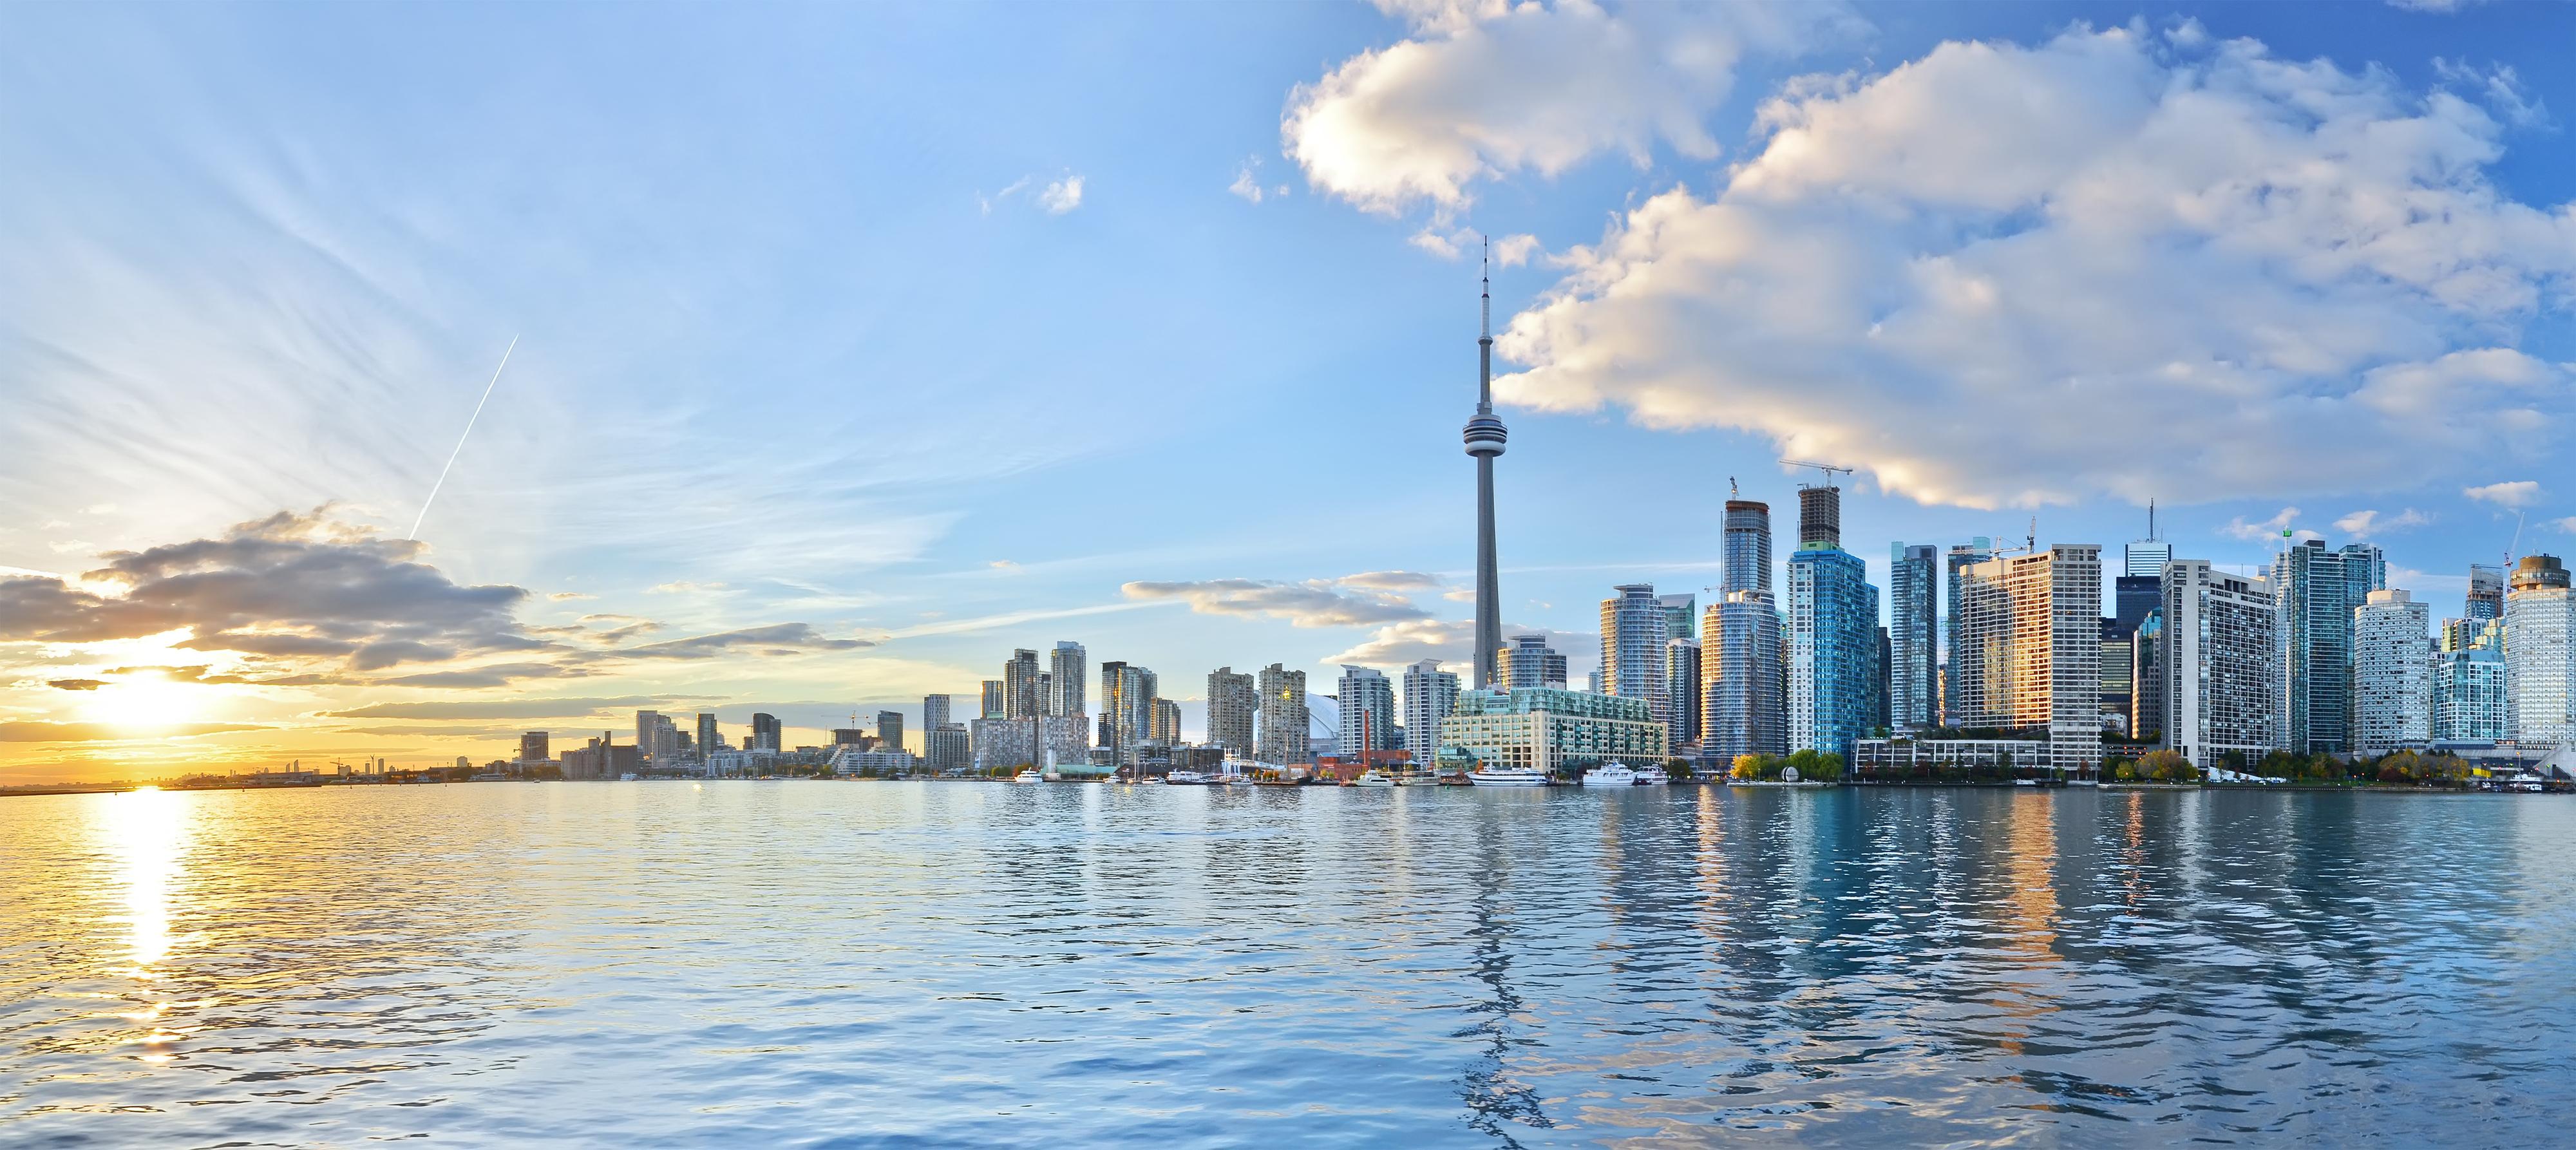 Die Skyline von Toronto im Licht vom Sonnenuntergang